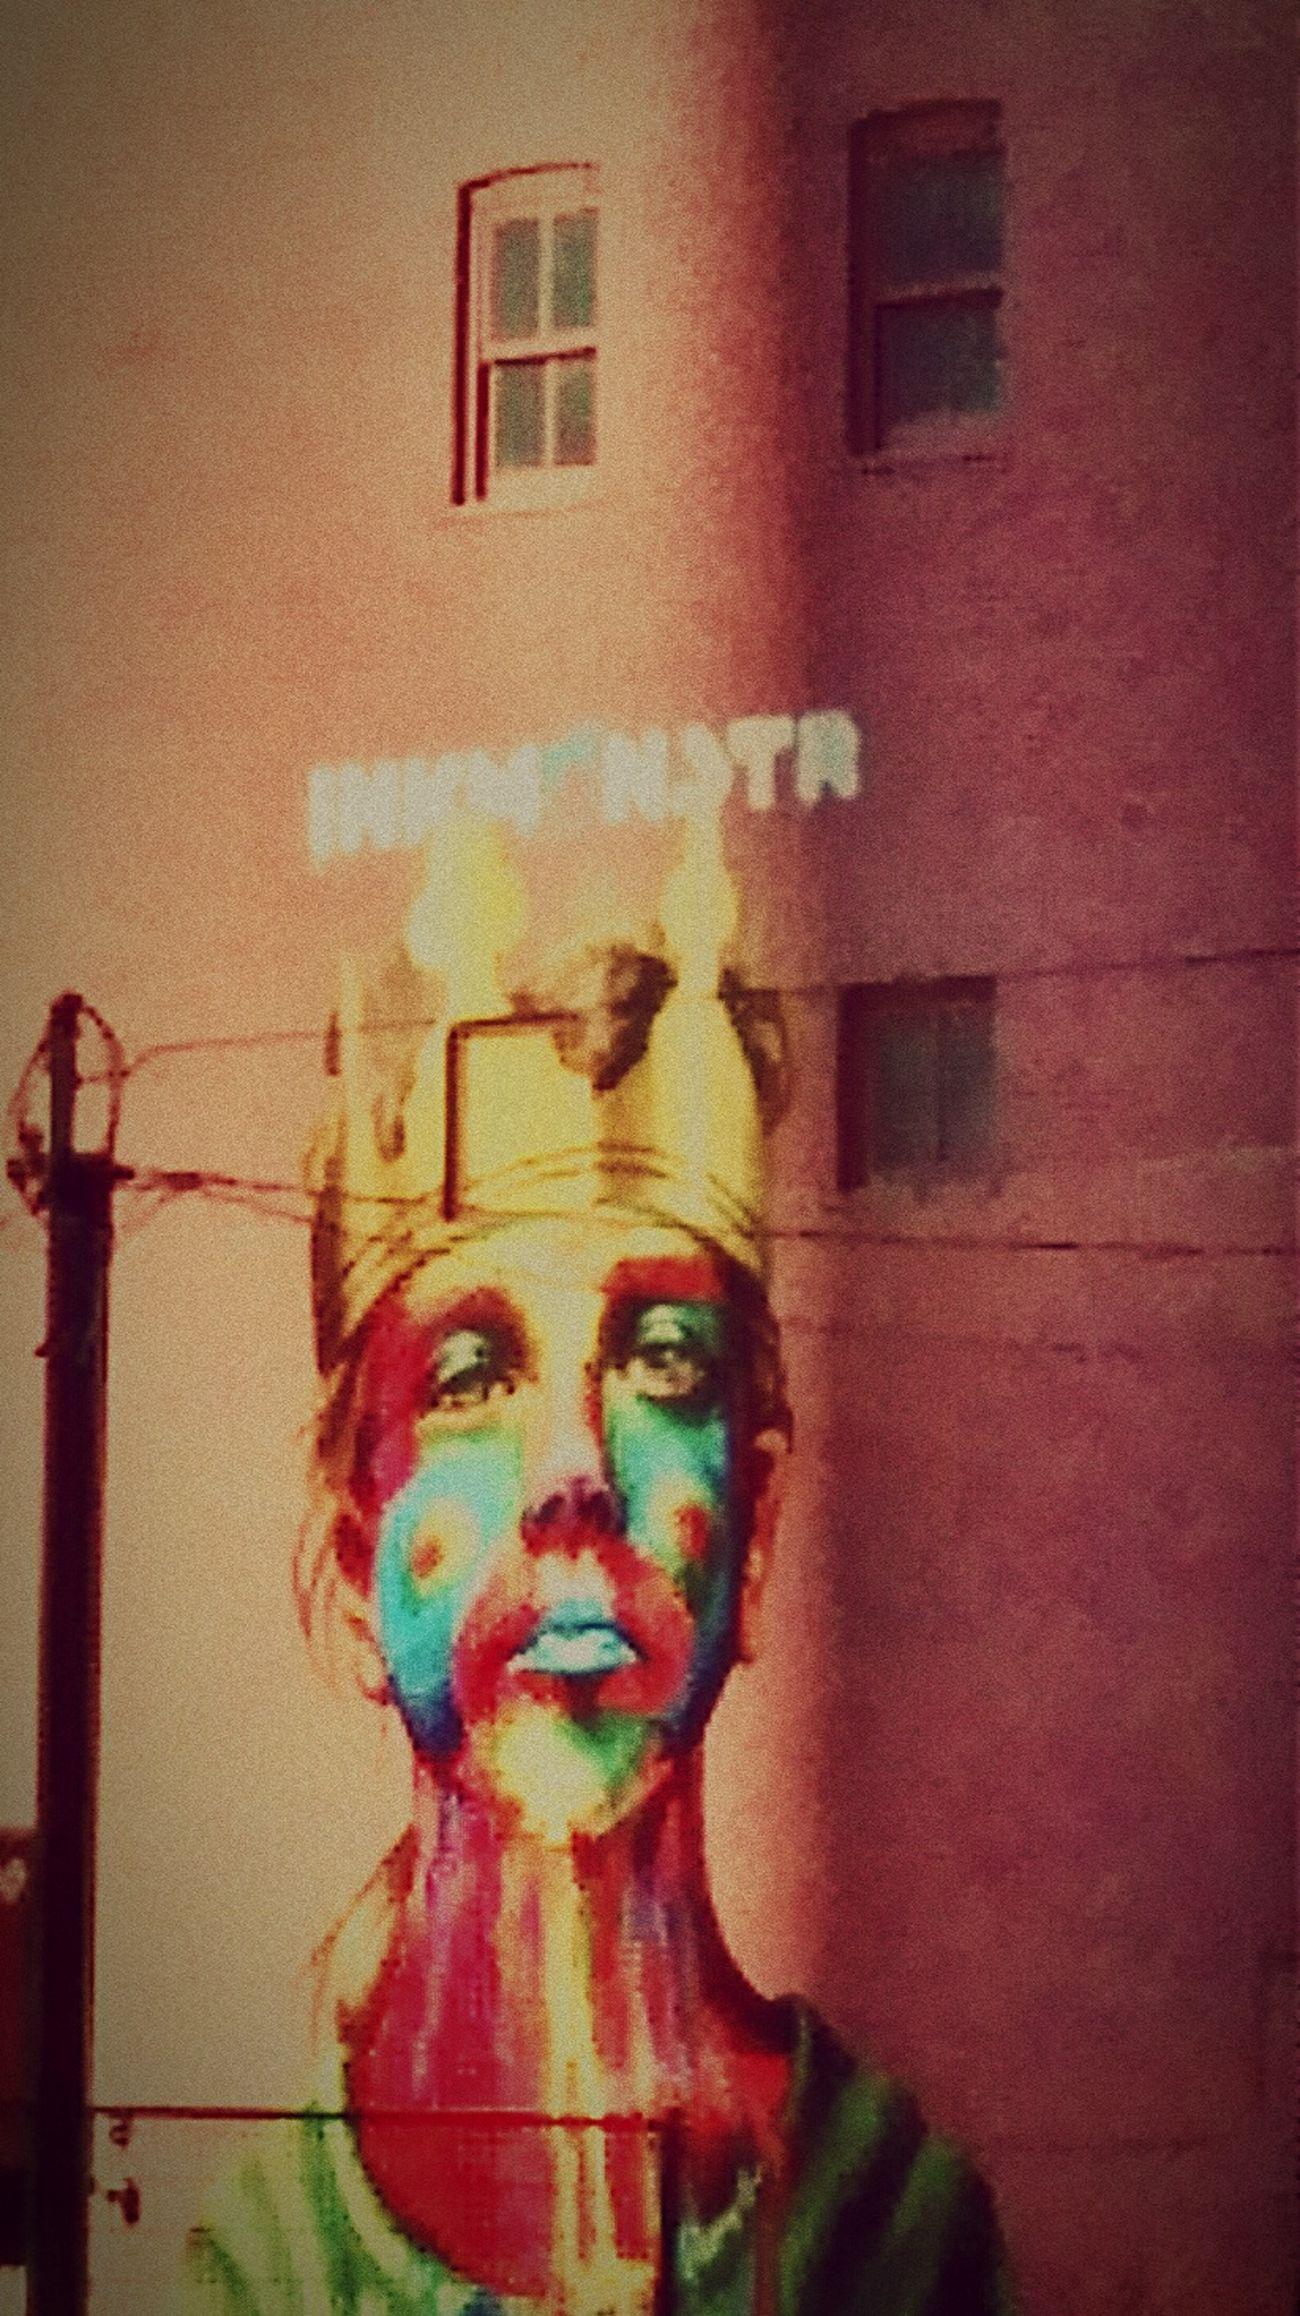 Walking Around Denvertography Denverart Denver,CO Downtown Downtown Denver Street Art Graffitiporn Graffiti Art Graffiti Wall First Eyeem Photo